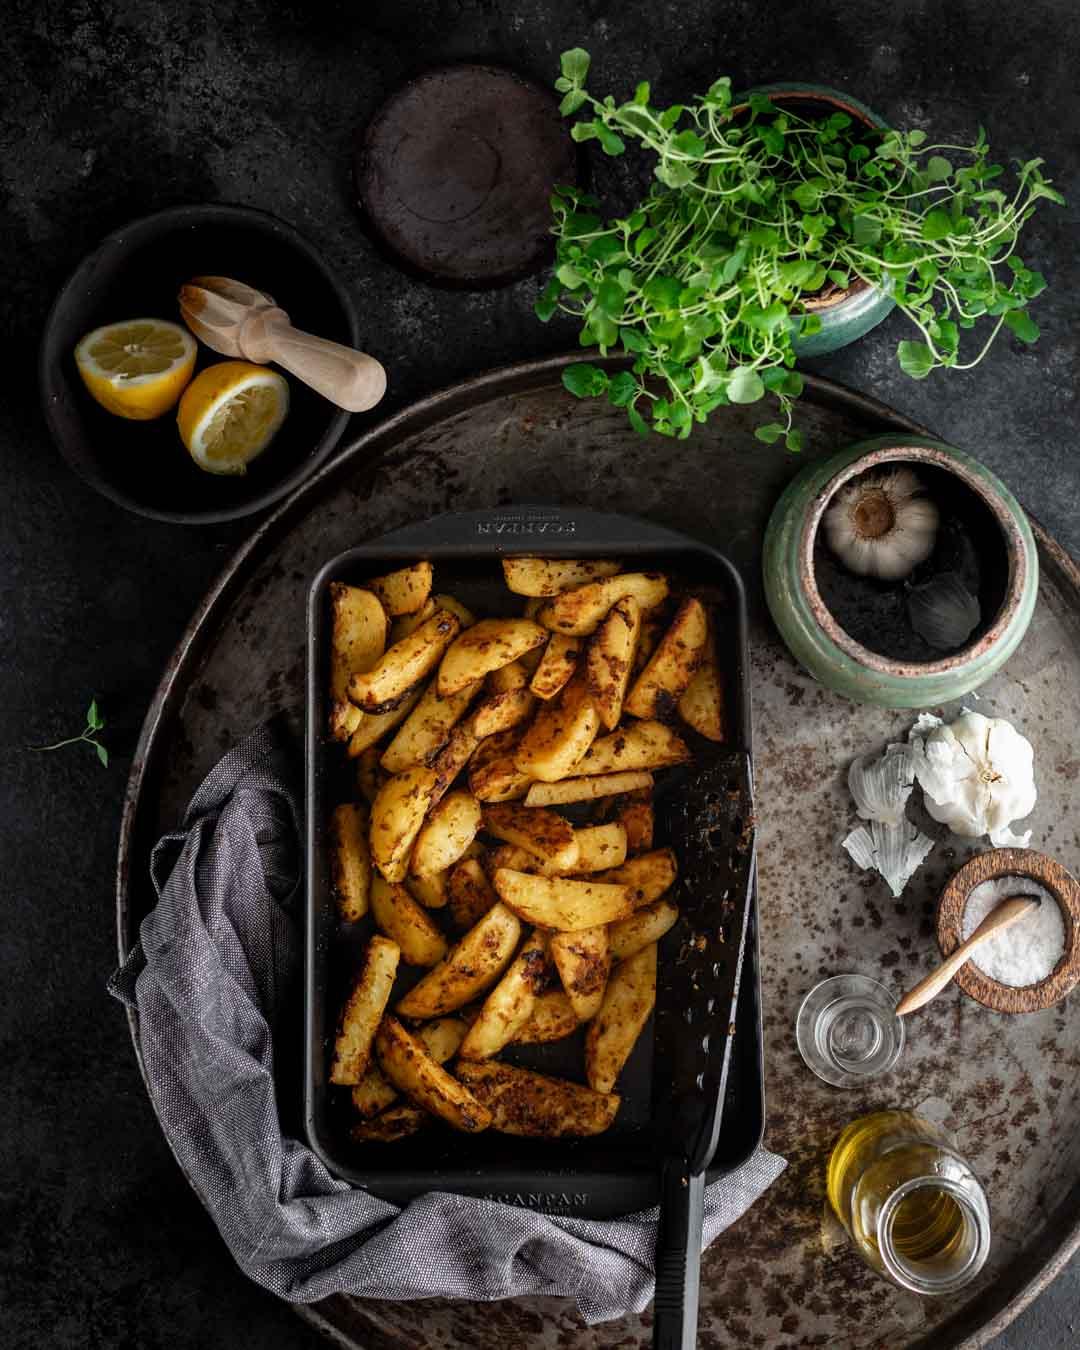 kartofler, ovnbagte, hvidløg, grillkød, sennep